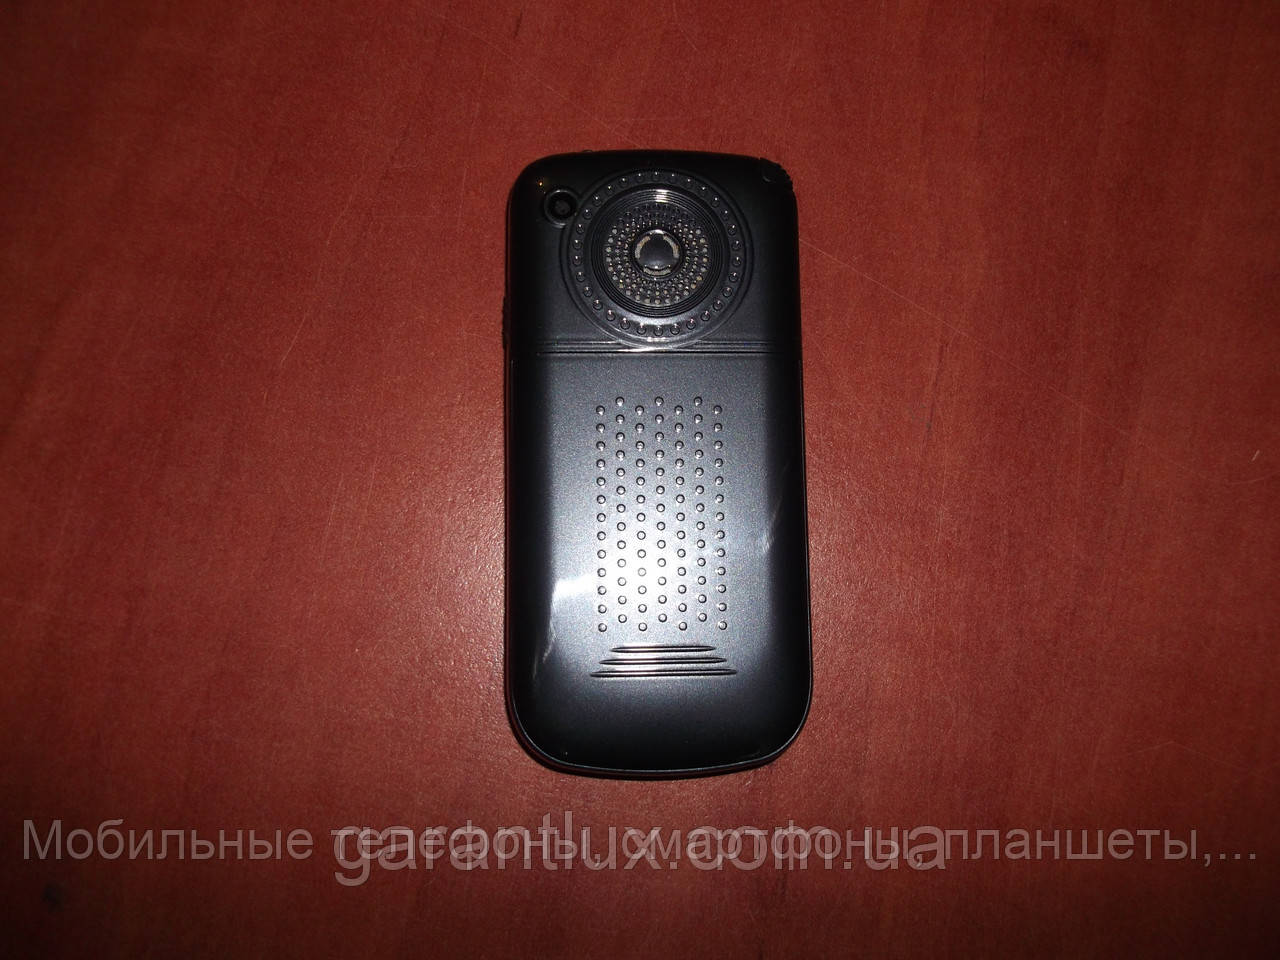 Nokia h16 купить в краснодаре авиабилеты - 7